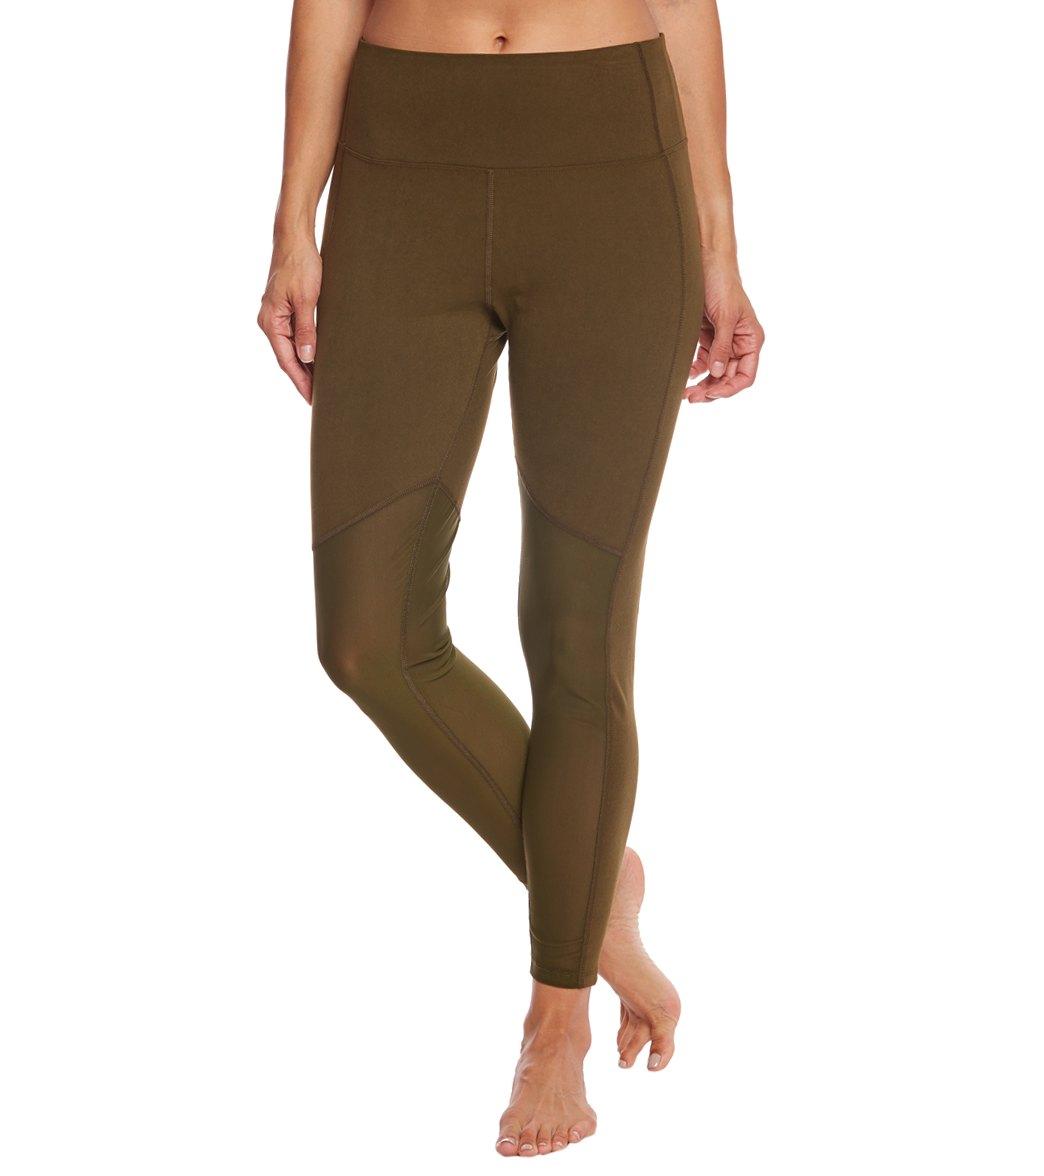 e60aeac1cd27b Marika Olivia Vented High Rise Tummy Control Yoga Leggings at ...